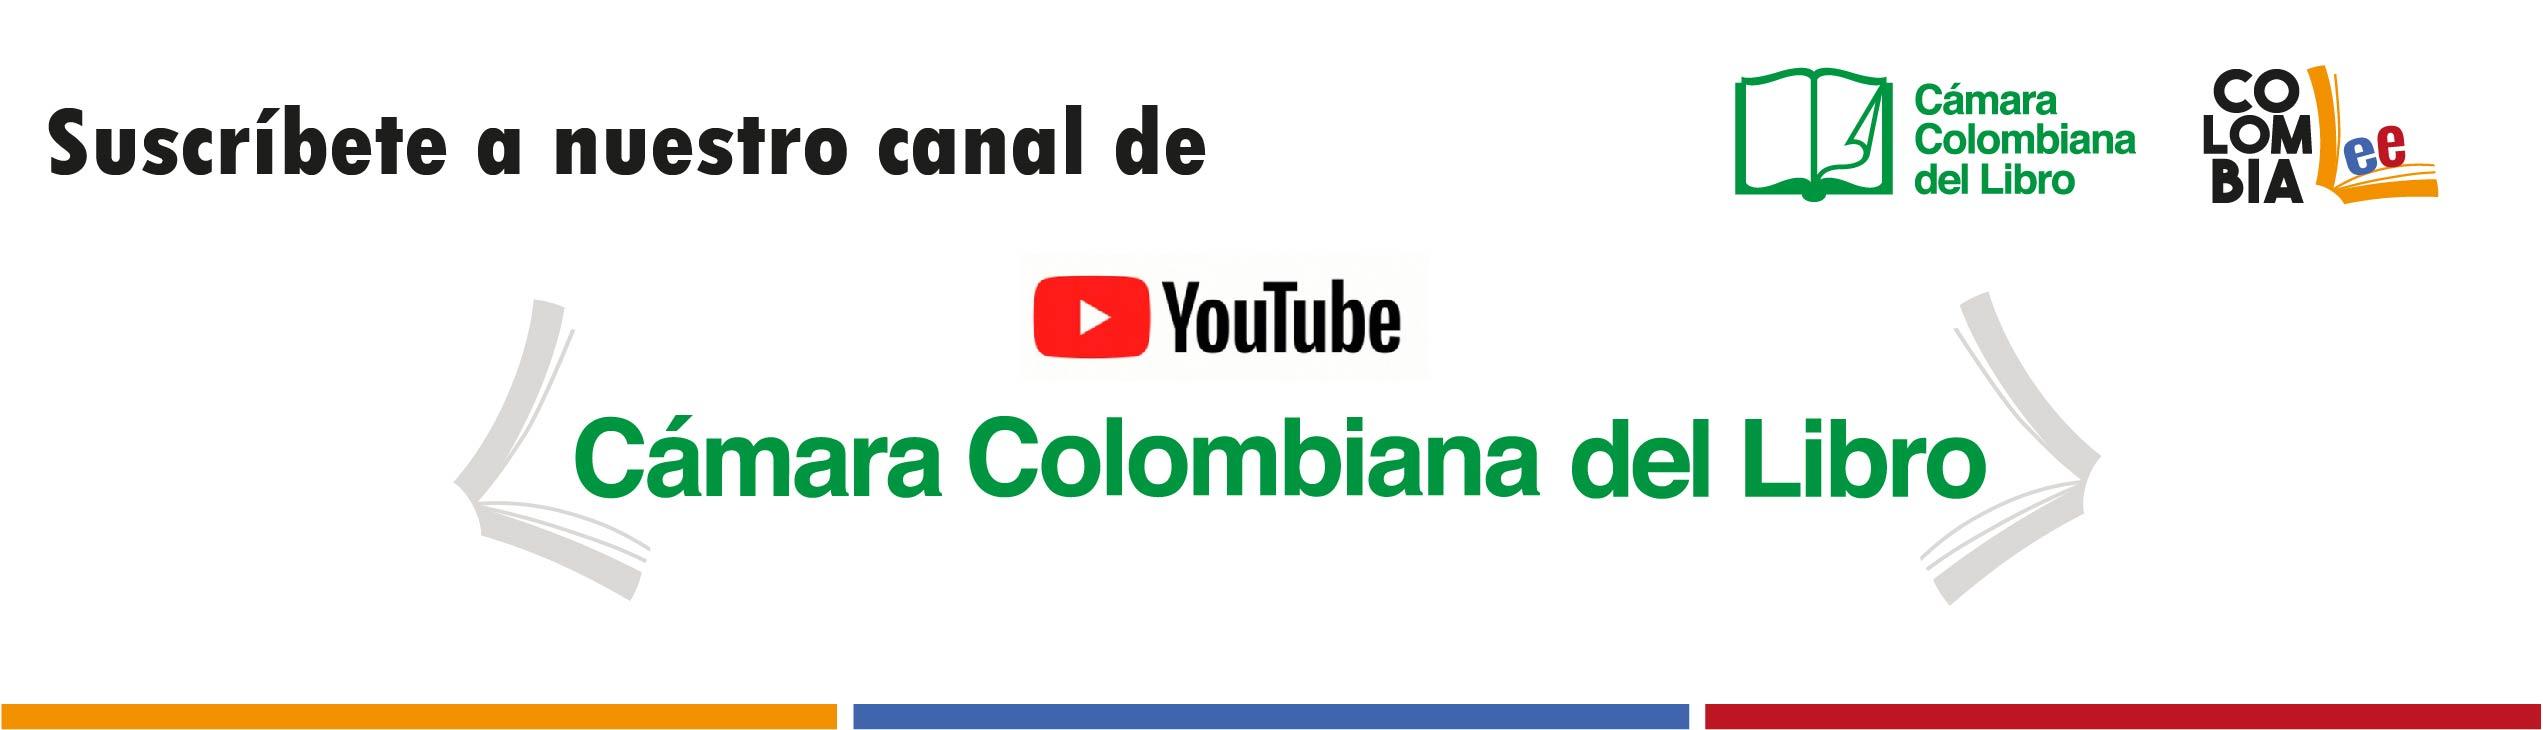 Banner-YouTube-06